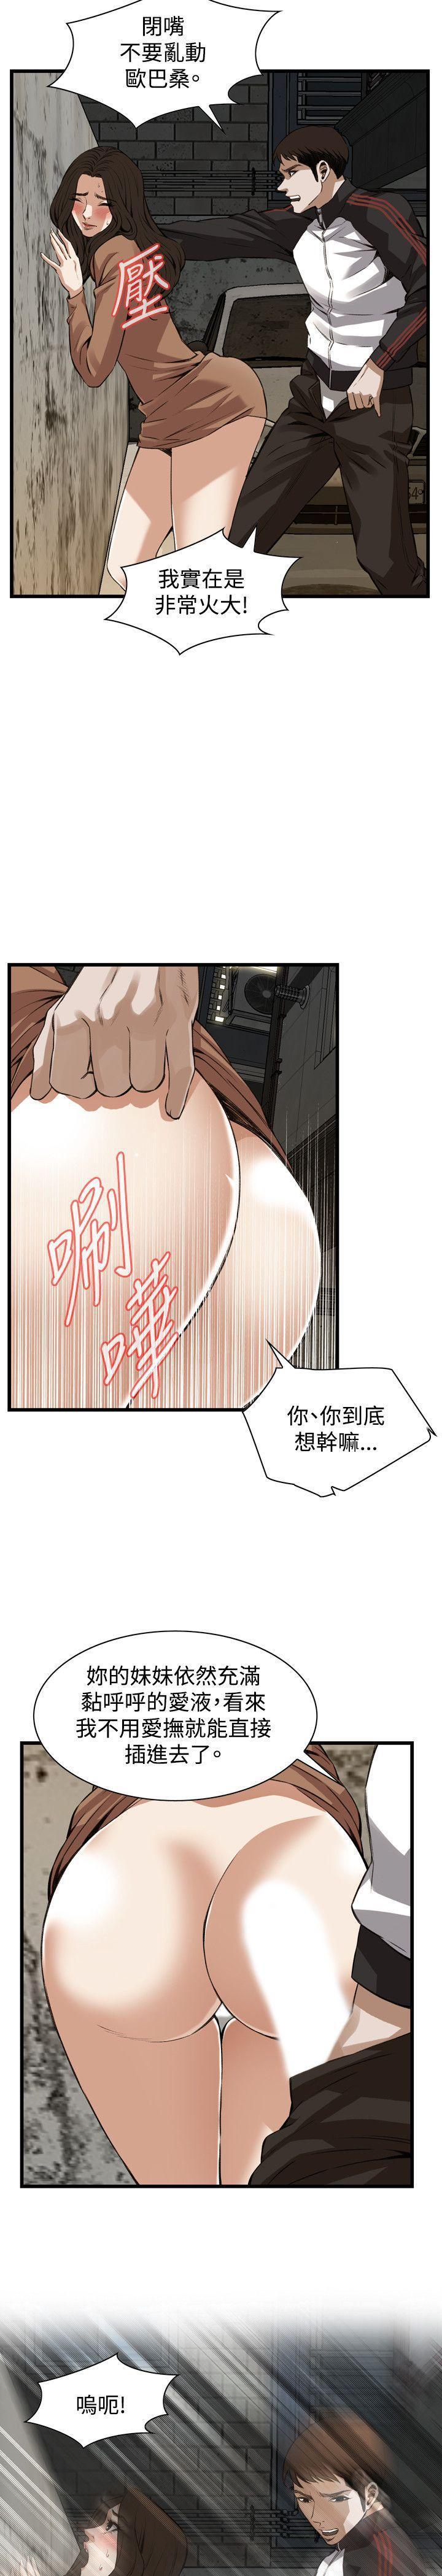 偷窥72-93 Chinese Rsiky 376